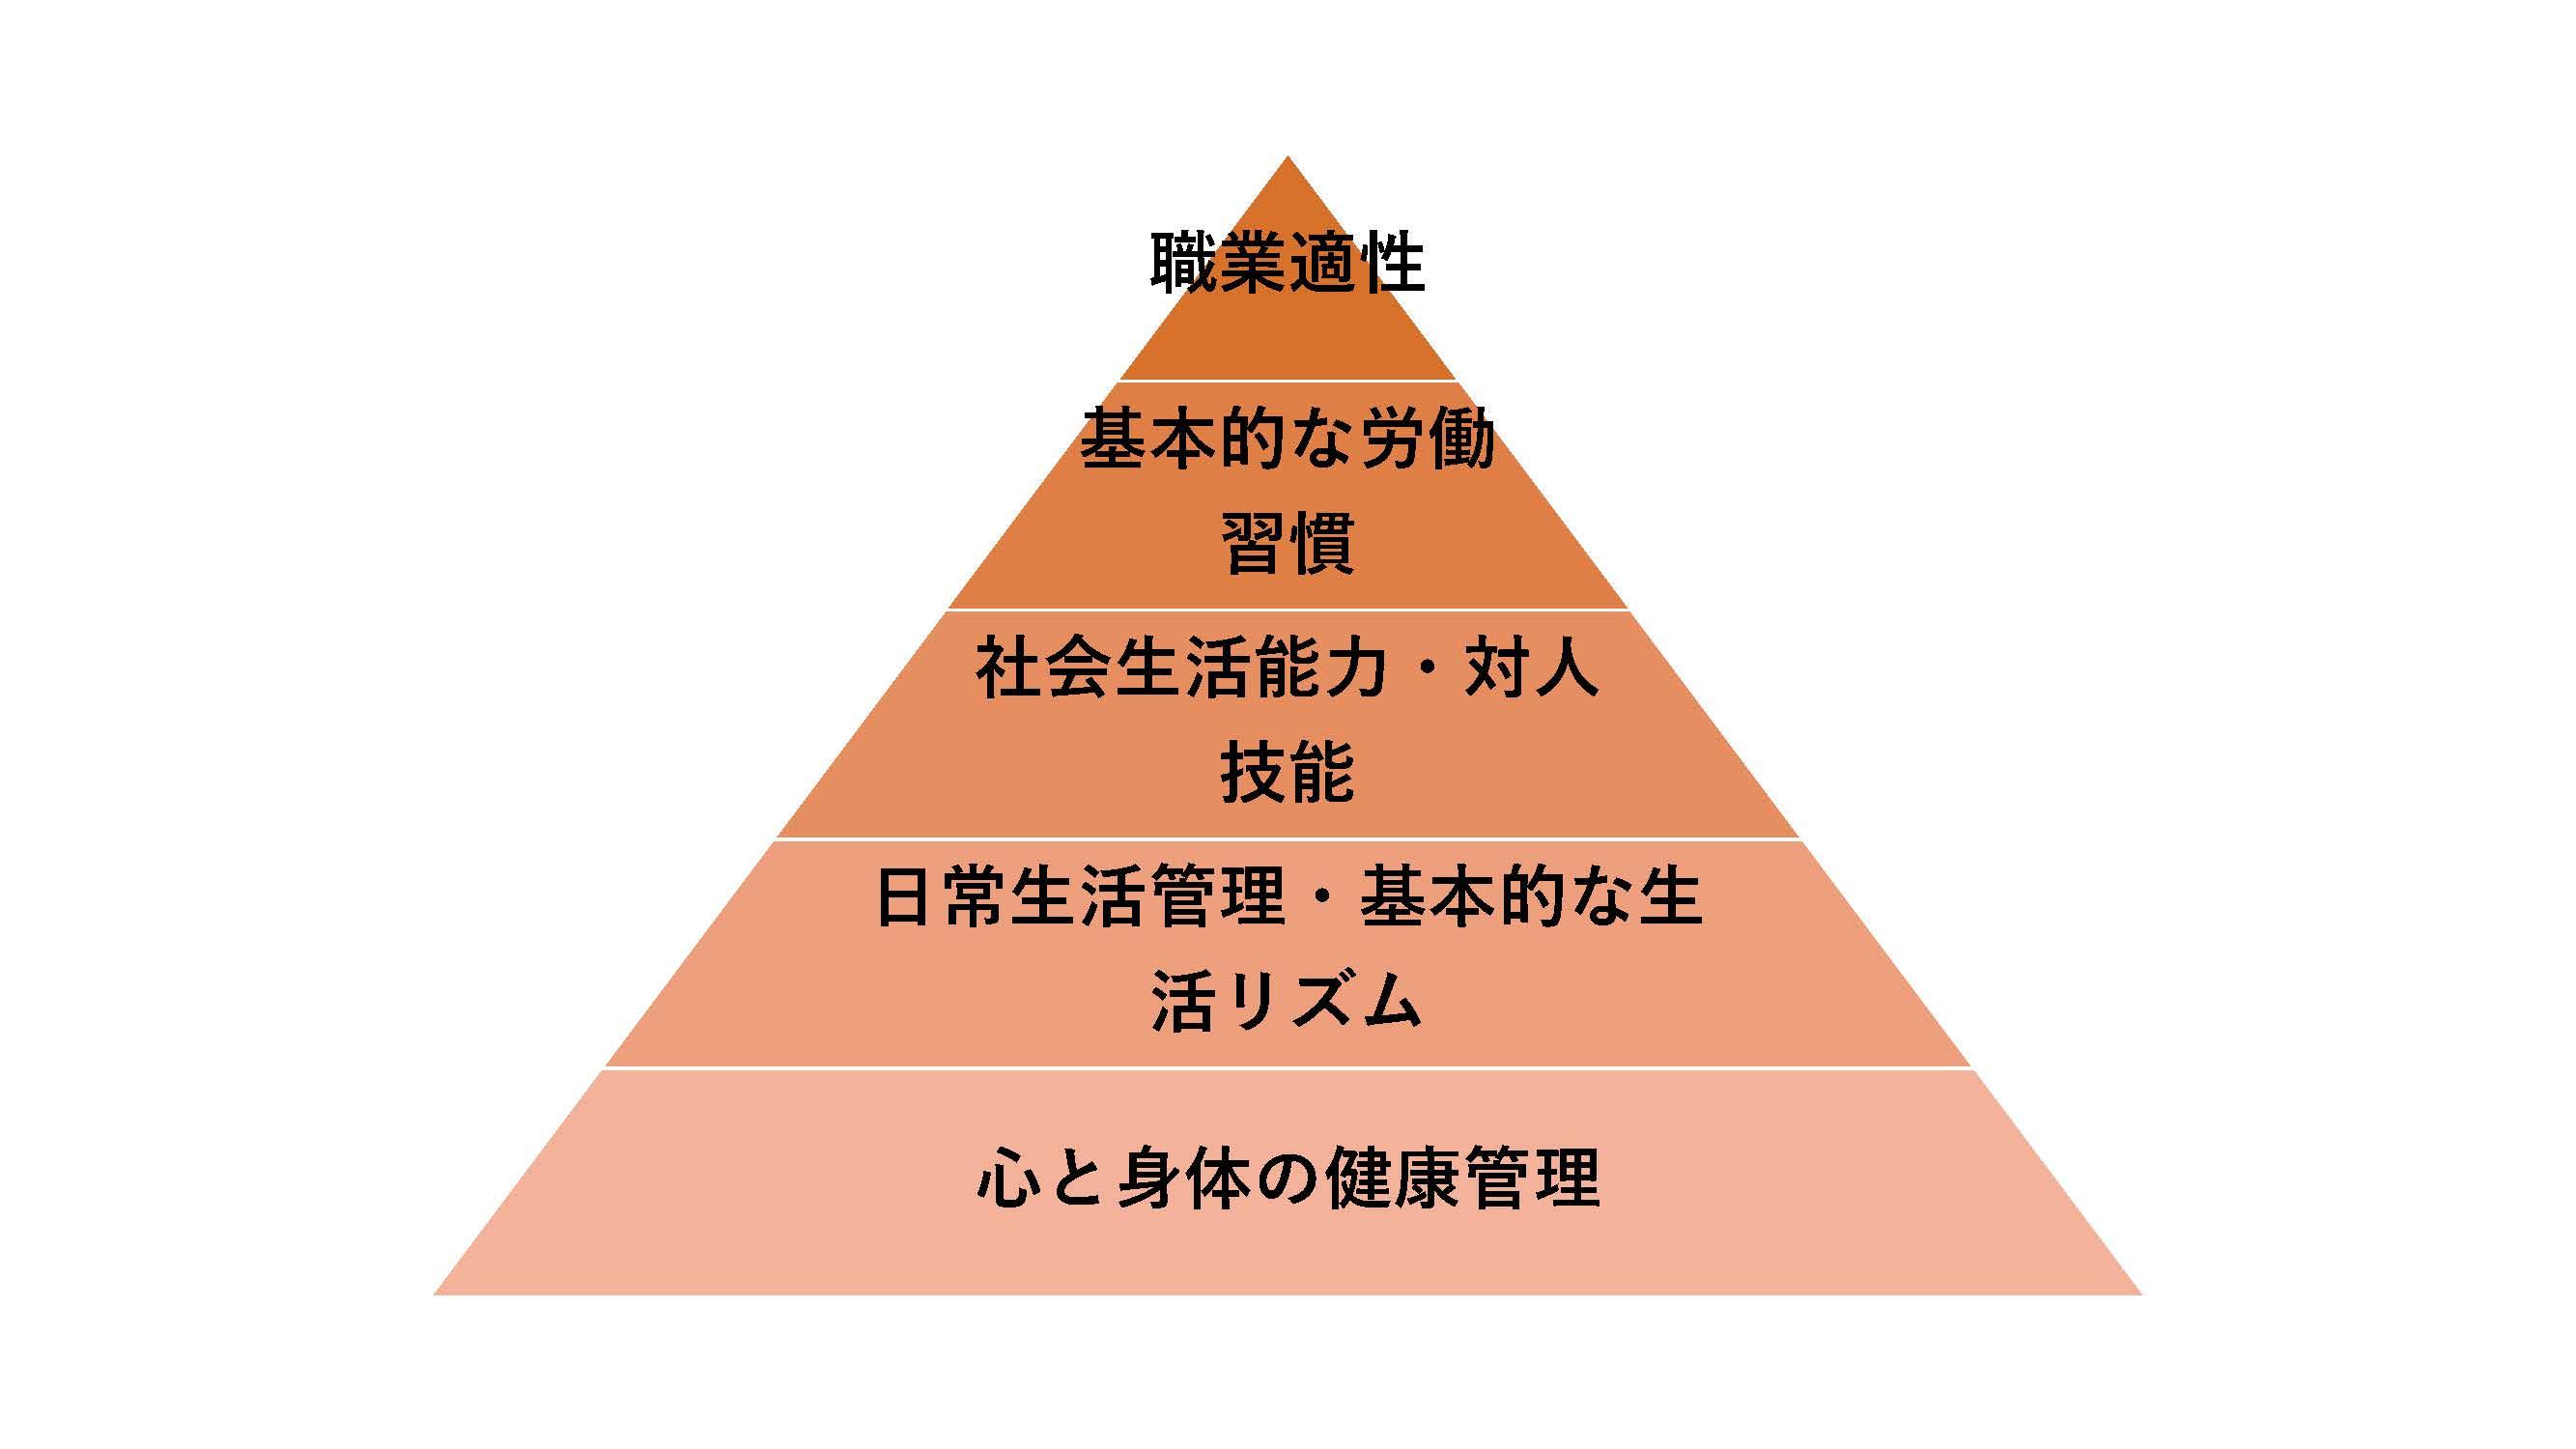 【横須賀】20210203(職業準備性ピラミッド) (1)